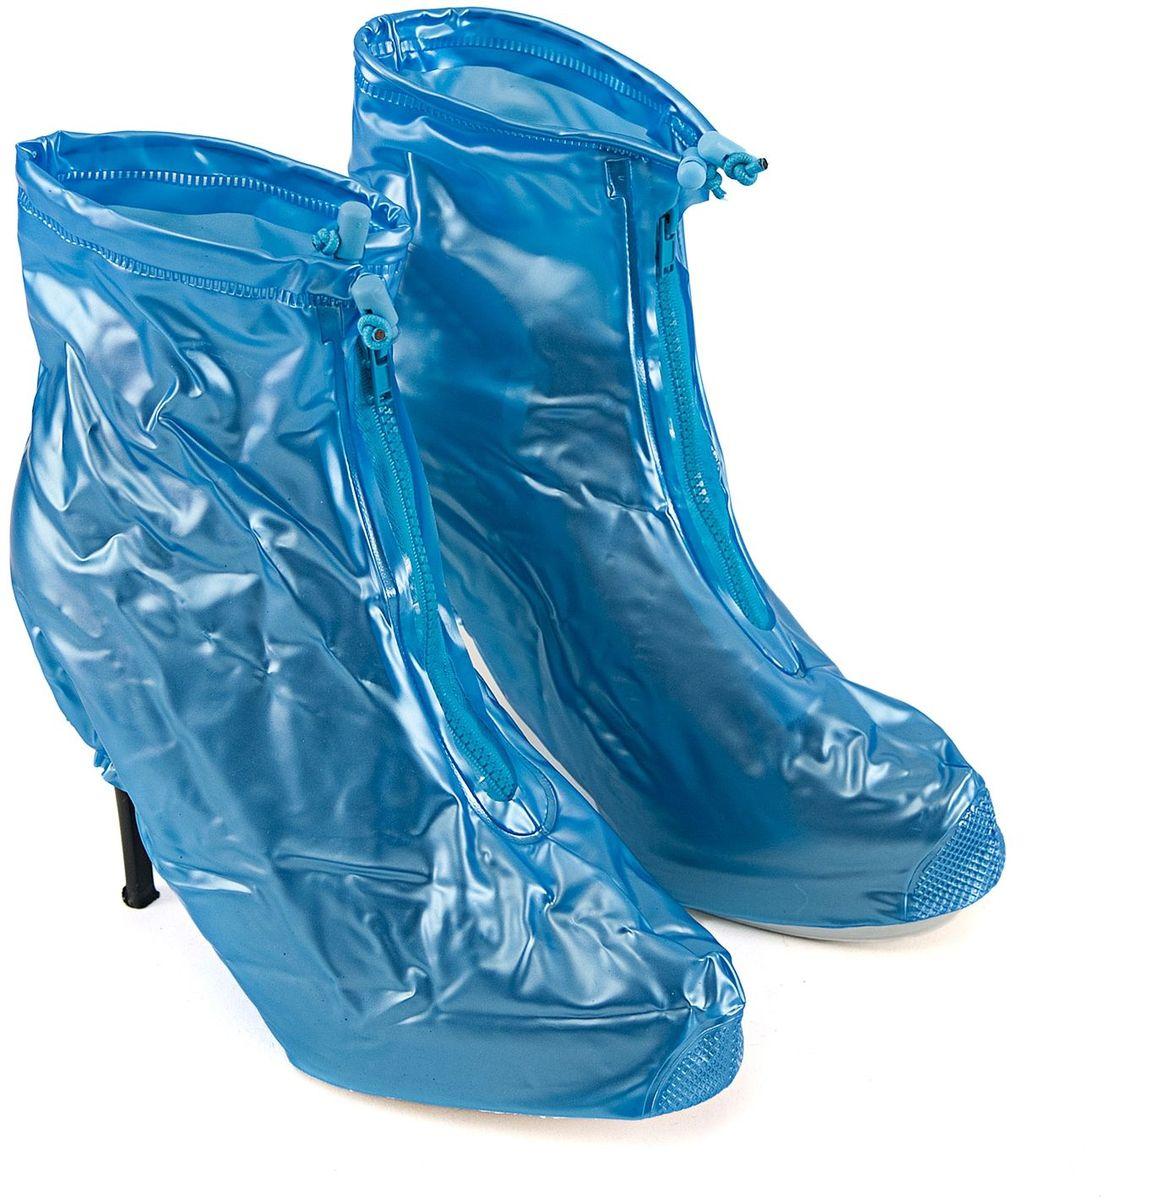 Дождевик для обуви Homsu, с каблуком, цвет: голубой. Размер S (35/36)R-124Дожевики для обуви с каблуком выполнены из прочного водонепроницаемого материала, застегиваются на молнию и имеют специальное отверситие для каблука. Благодаря этим дождевикам ваша обувь будет сухой и чистой в любую погоду! Размер изделия: 25х13см